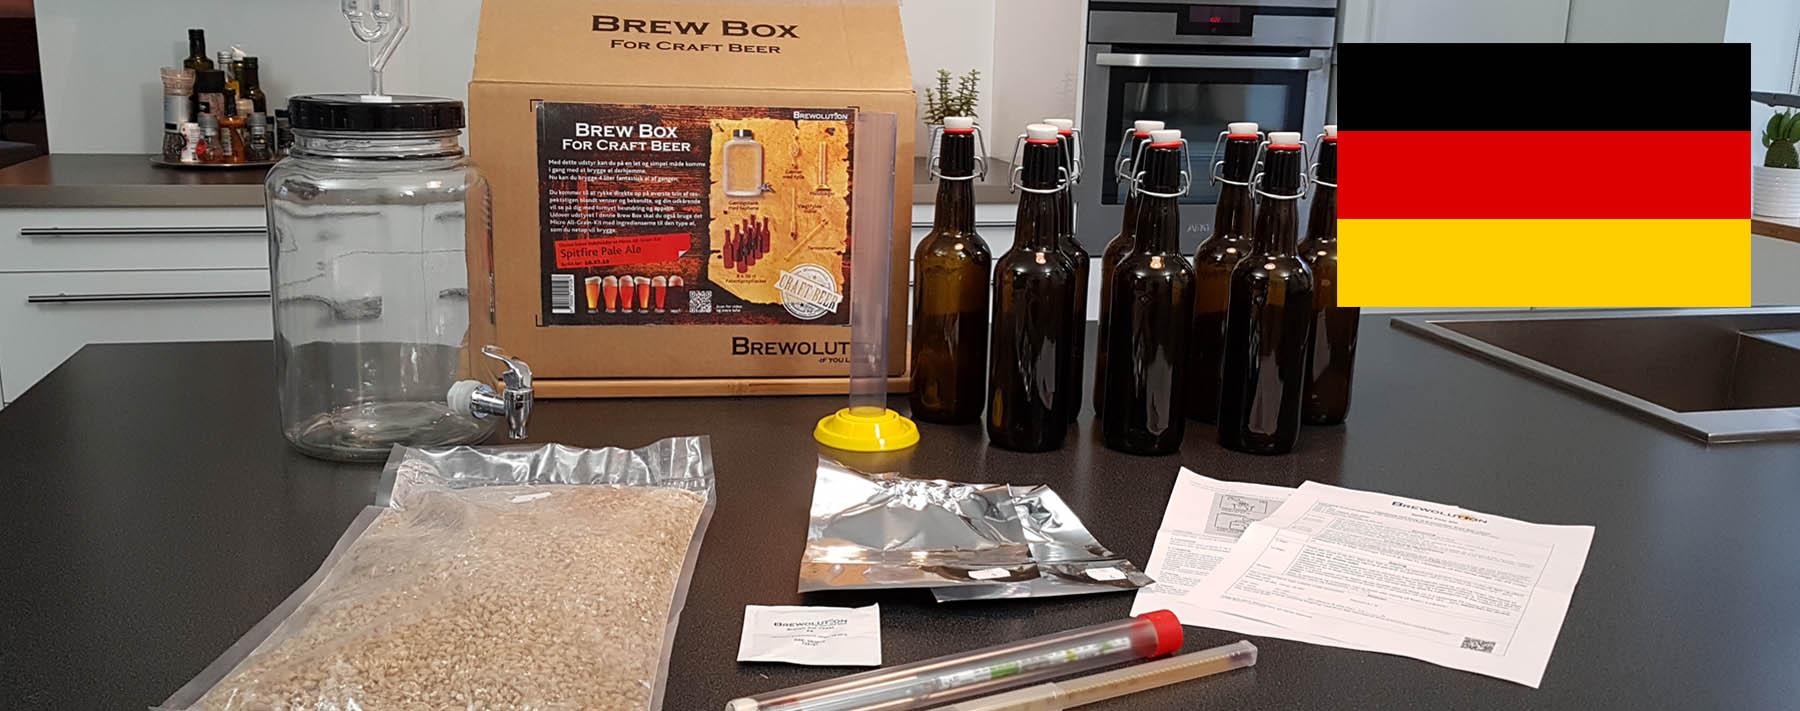 DE Guides Brew Box